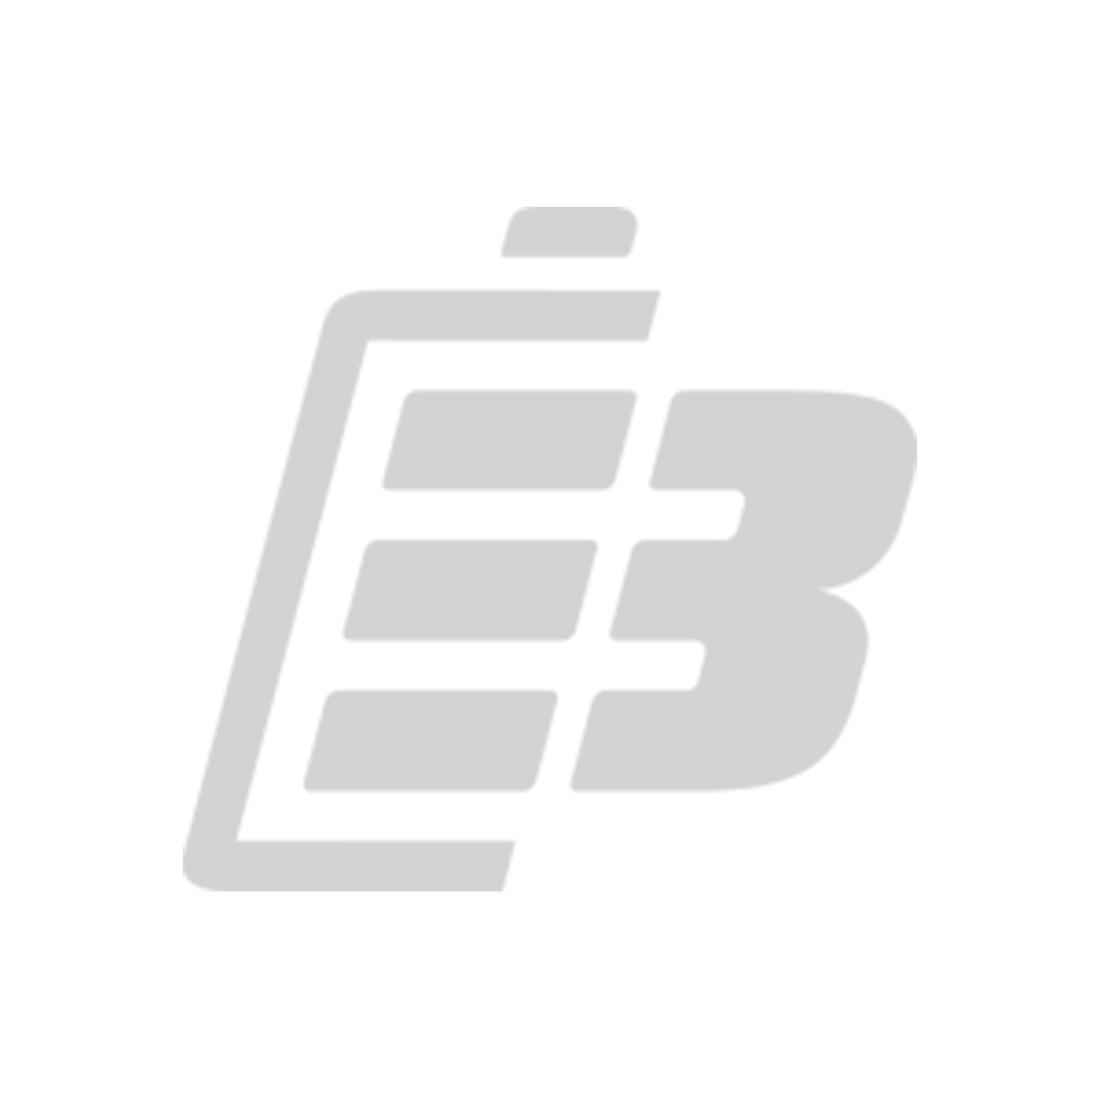 Ψηφιακος φορτιστης Powerex MH-C808M 1